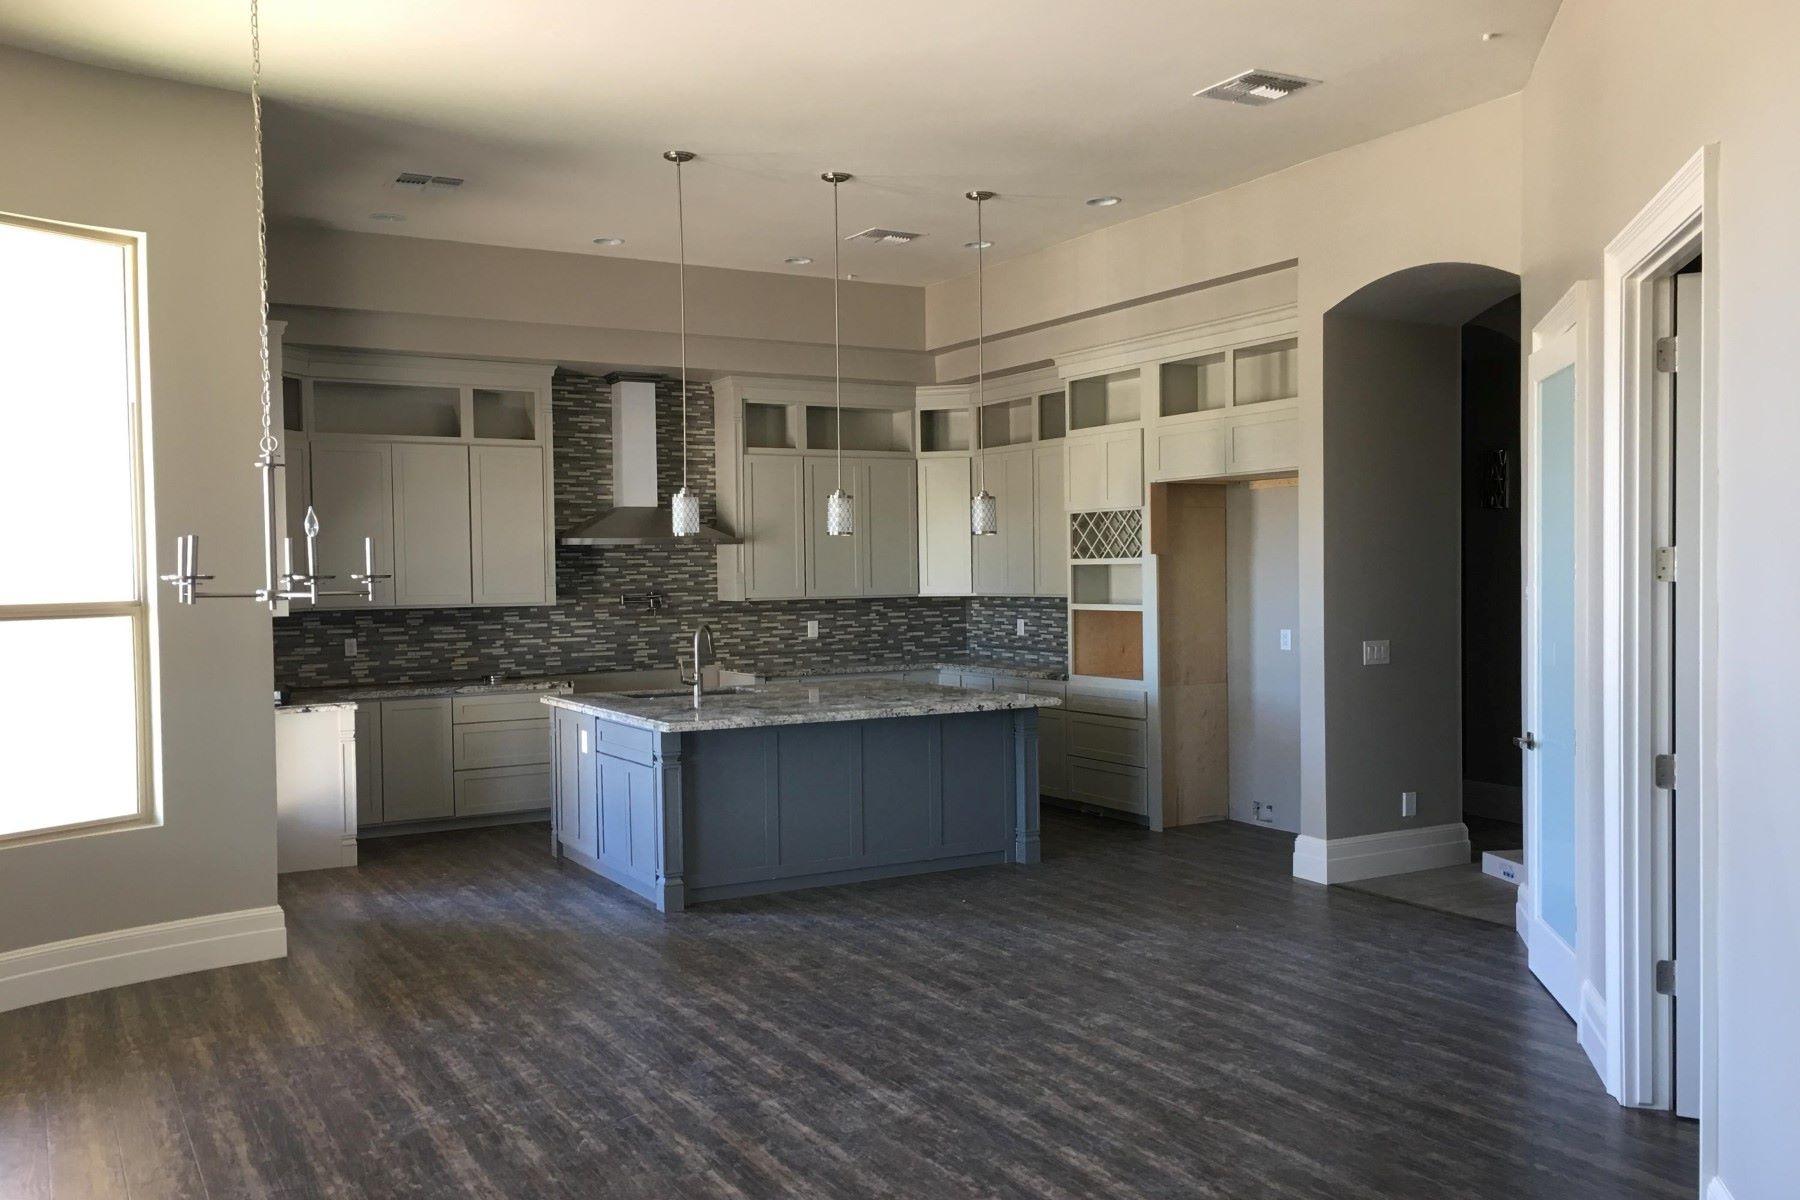 Einfamilienhaus für Verkauf beim One of a kind 2017 custom private one story home 7125 E Davis Rd Scottsdale, Arizona, 85266 Vereinigte Staaten